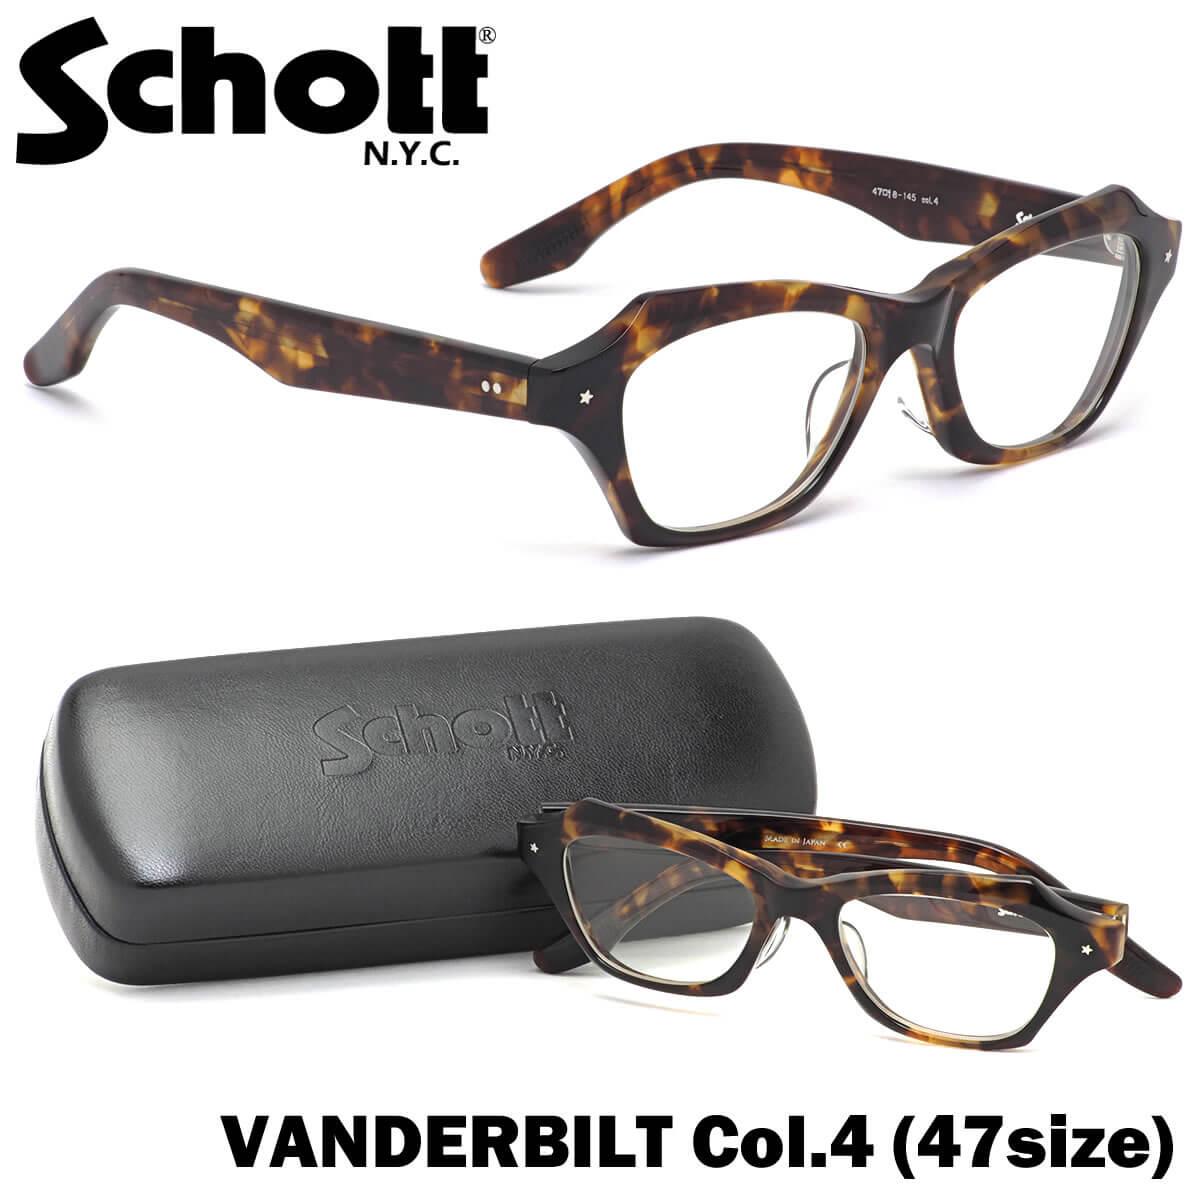 ショット SCHOTT メガネ 伊達メガネセット VANDERBILT 4 47サイズ VANDERBILT 日本製 UVカットクリアレンズ付 ショット SCHOTT メンズ レディース